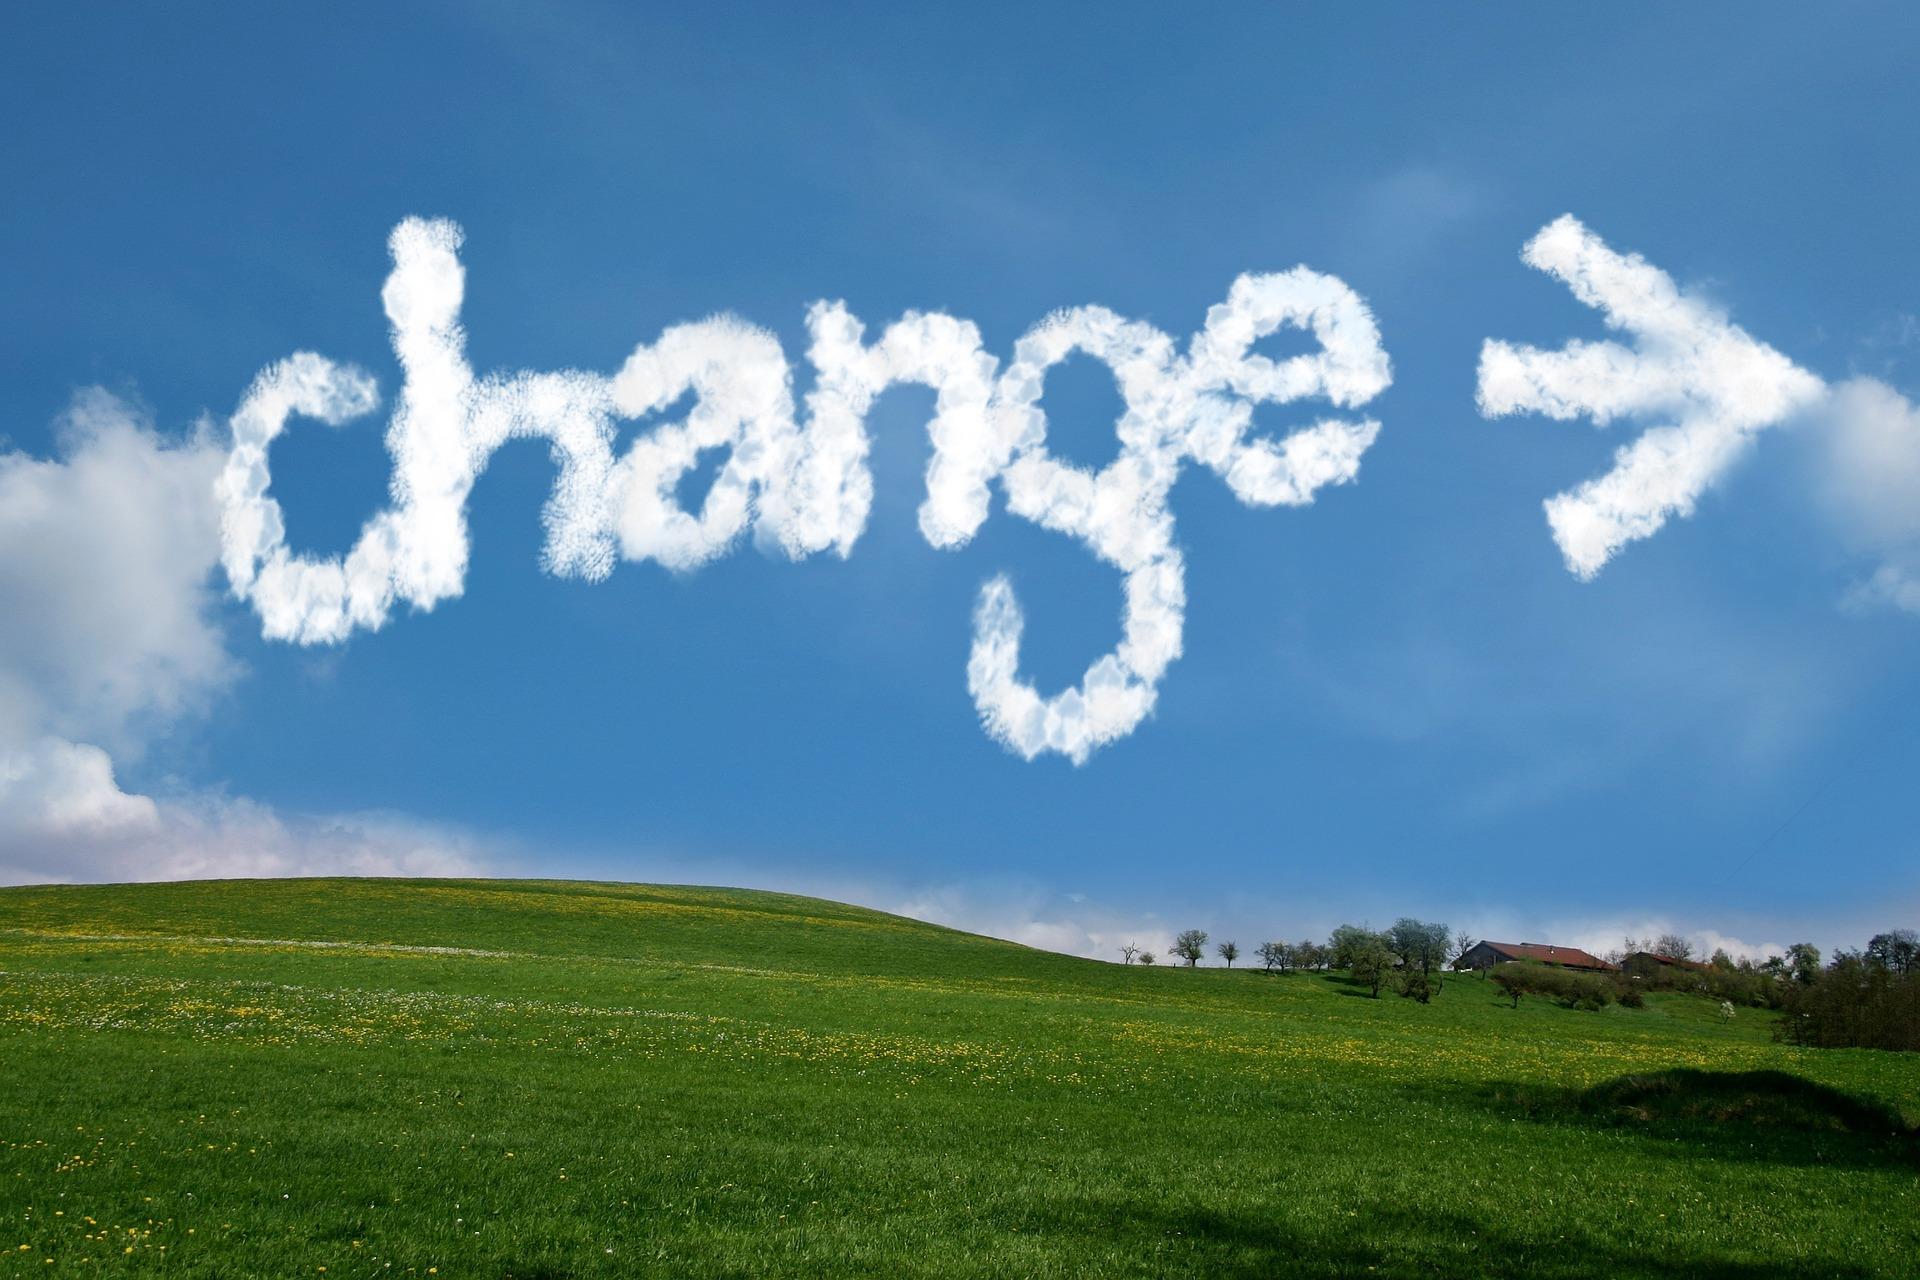 La nécessité de travailler sur soi, apprendre à changer